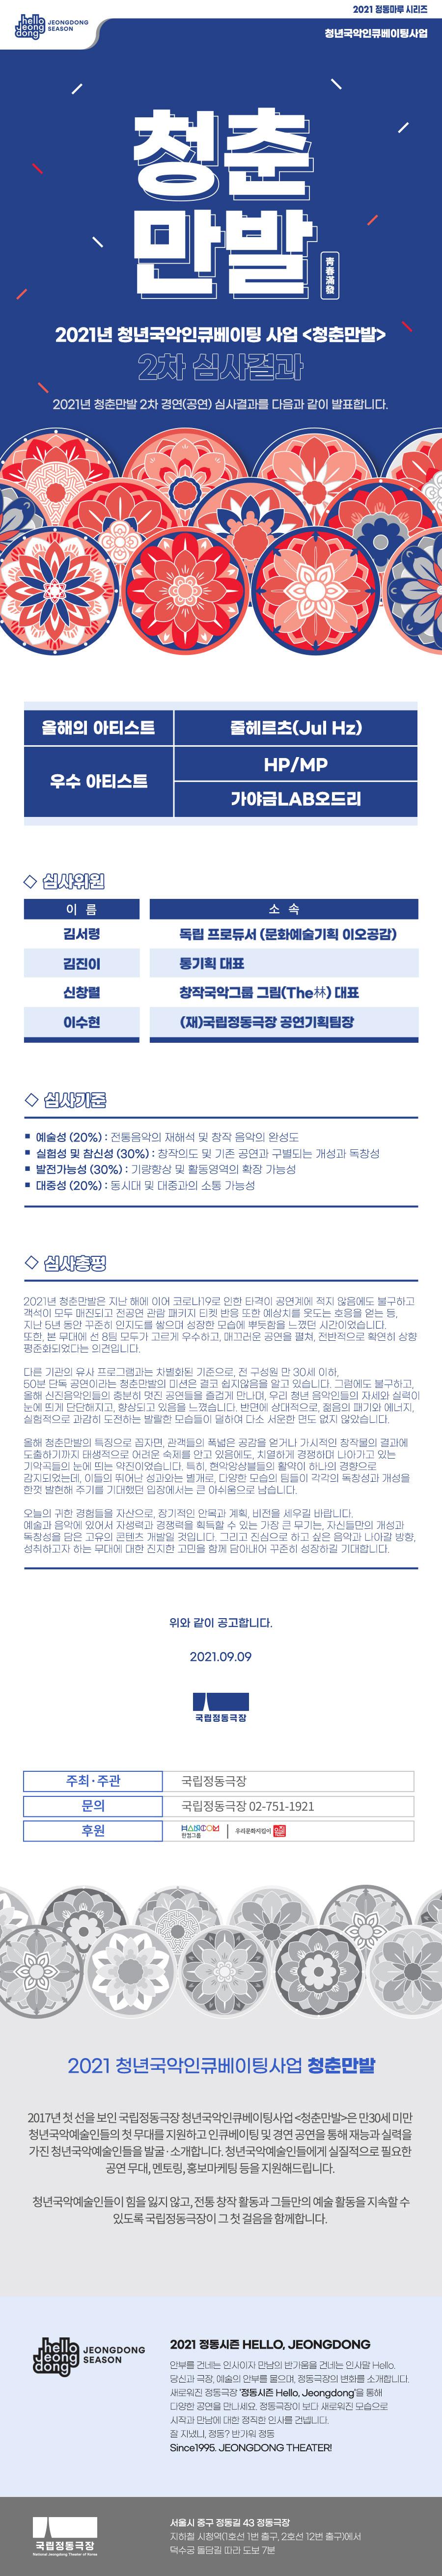 청춘만발 최종선정 결과 공지문_홈페이지용.jpg